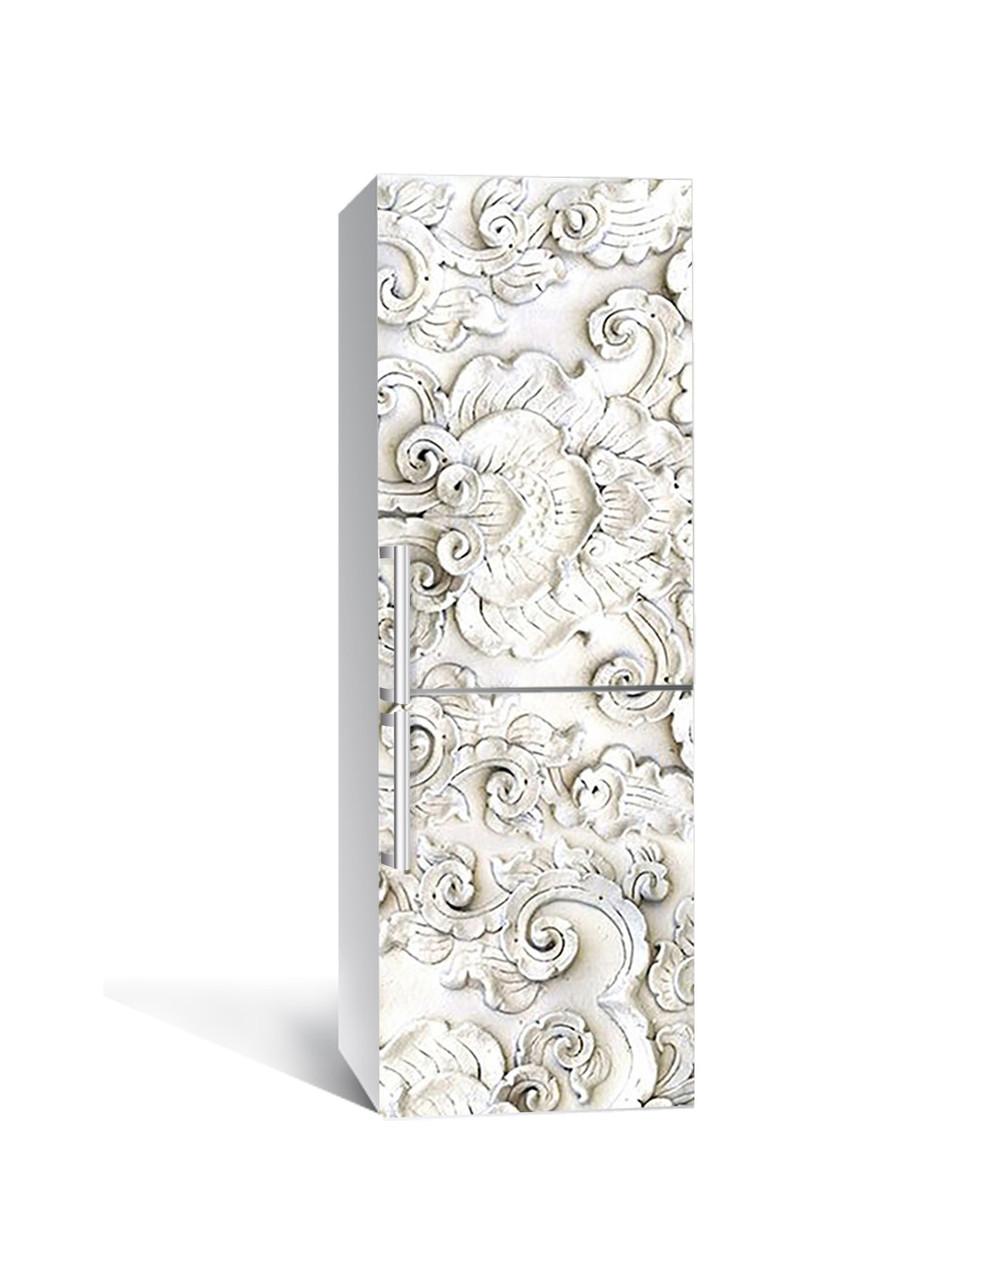 Вінілова 3Д наклейка на холодильник 3Д Ліпнина ПВХ плівка самоклеюча візерунки орнамент Текстура Сірий